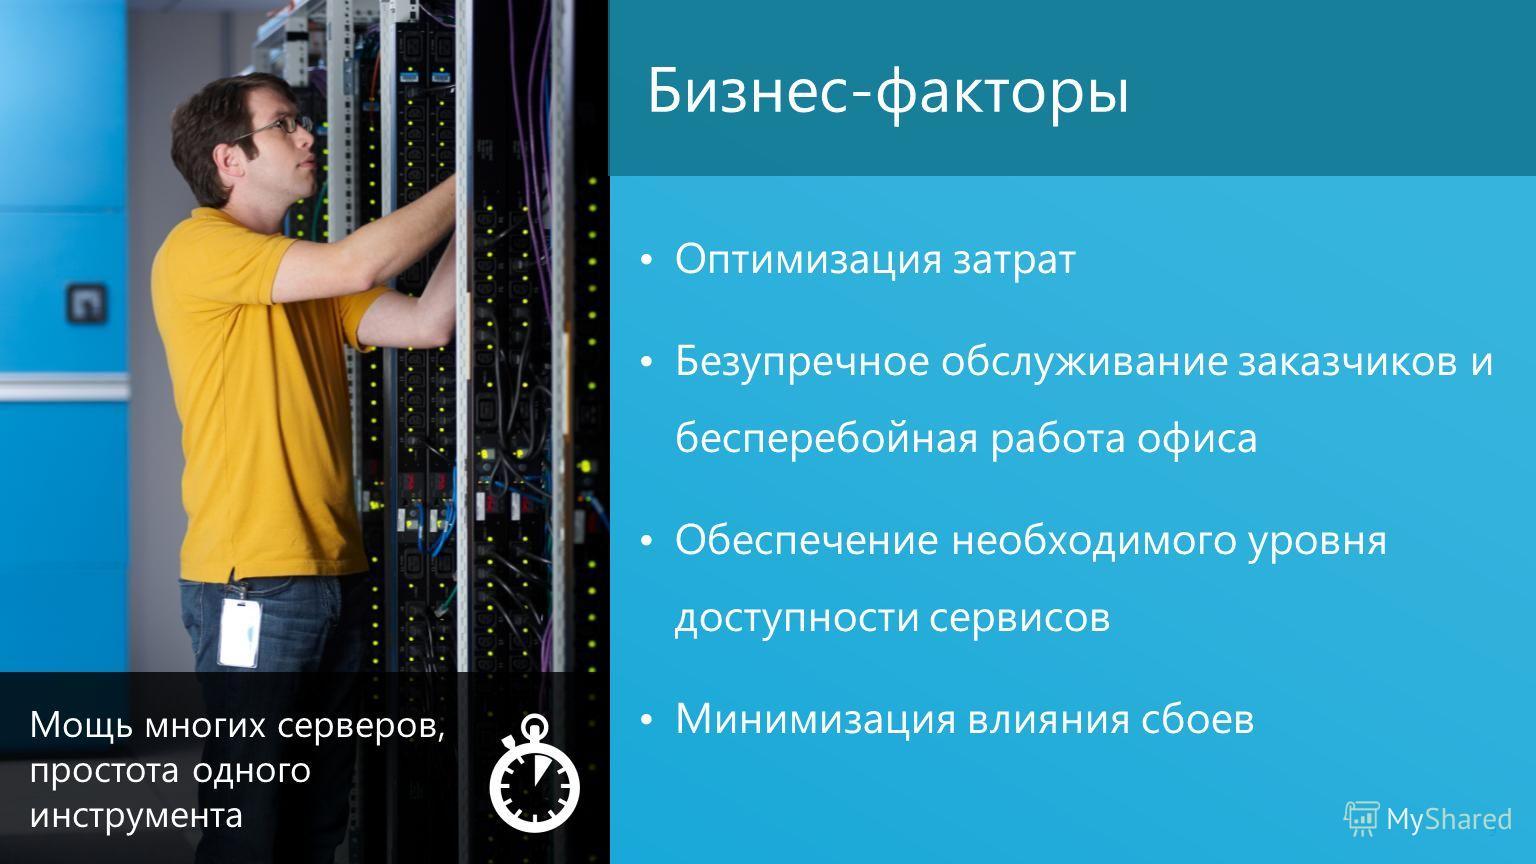 Мощь многих серверов, простота одного инструмента Бизнес-факторы Оптимизация затрат Безупречное обслуживание заказчиков и бесперебойная работа офиса Обеспечение необходимого уровня доступности сервисов Минимизация влияния сбоев 9